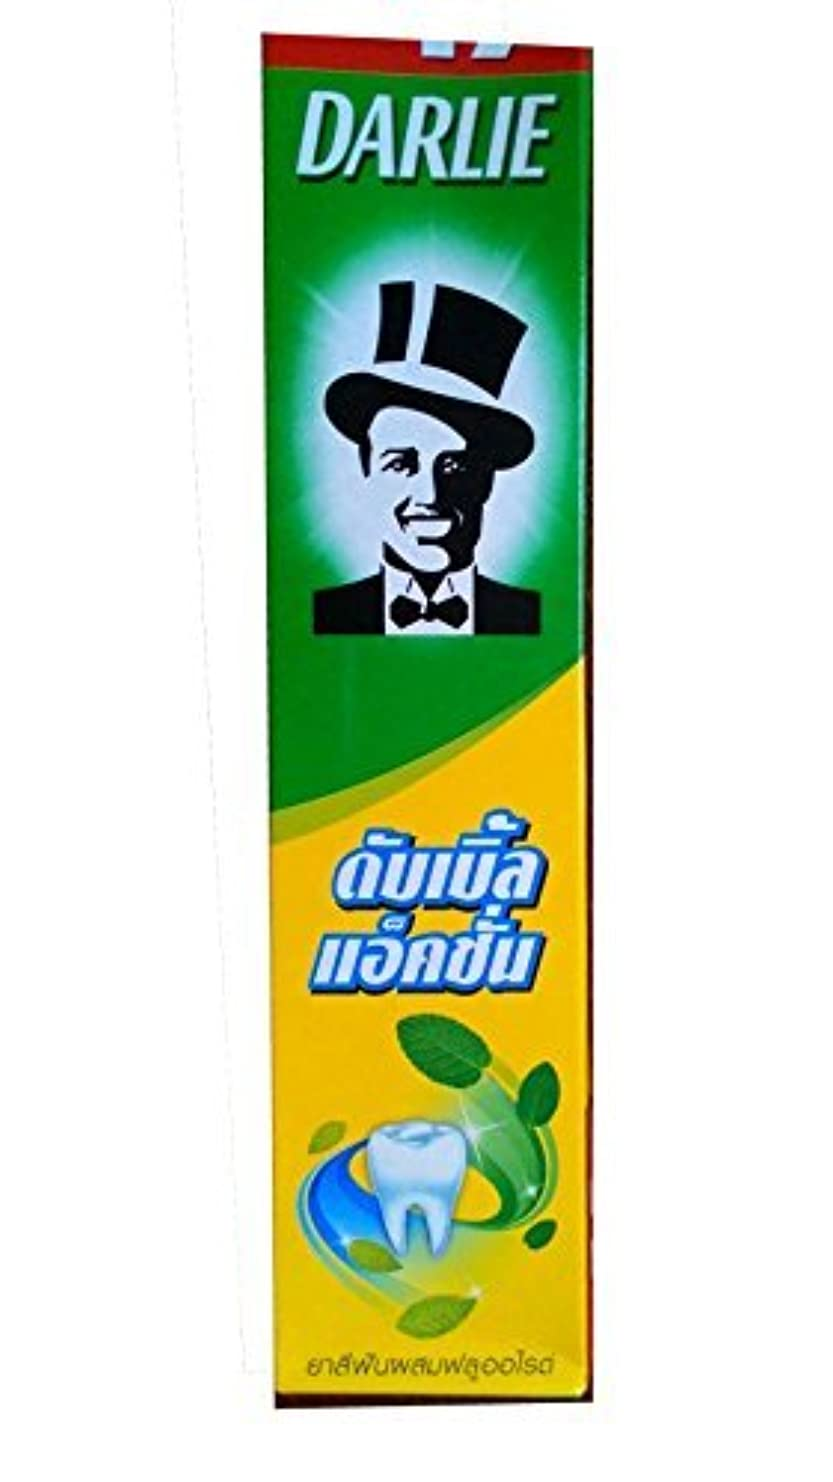 くすぐったいサラダ常識Darlie 2 Mint Powers Plus Fluoride Protection Double Action Toothpaste 170 g. Made in Thailand by Darlie (1 Piece...